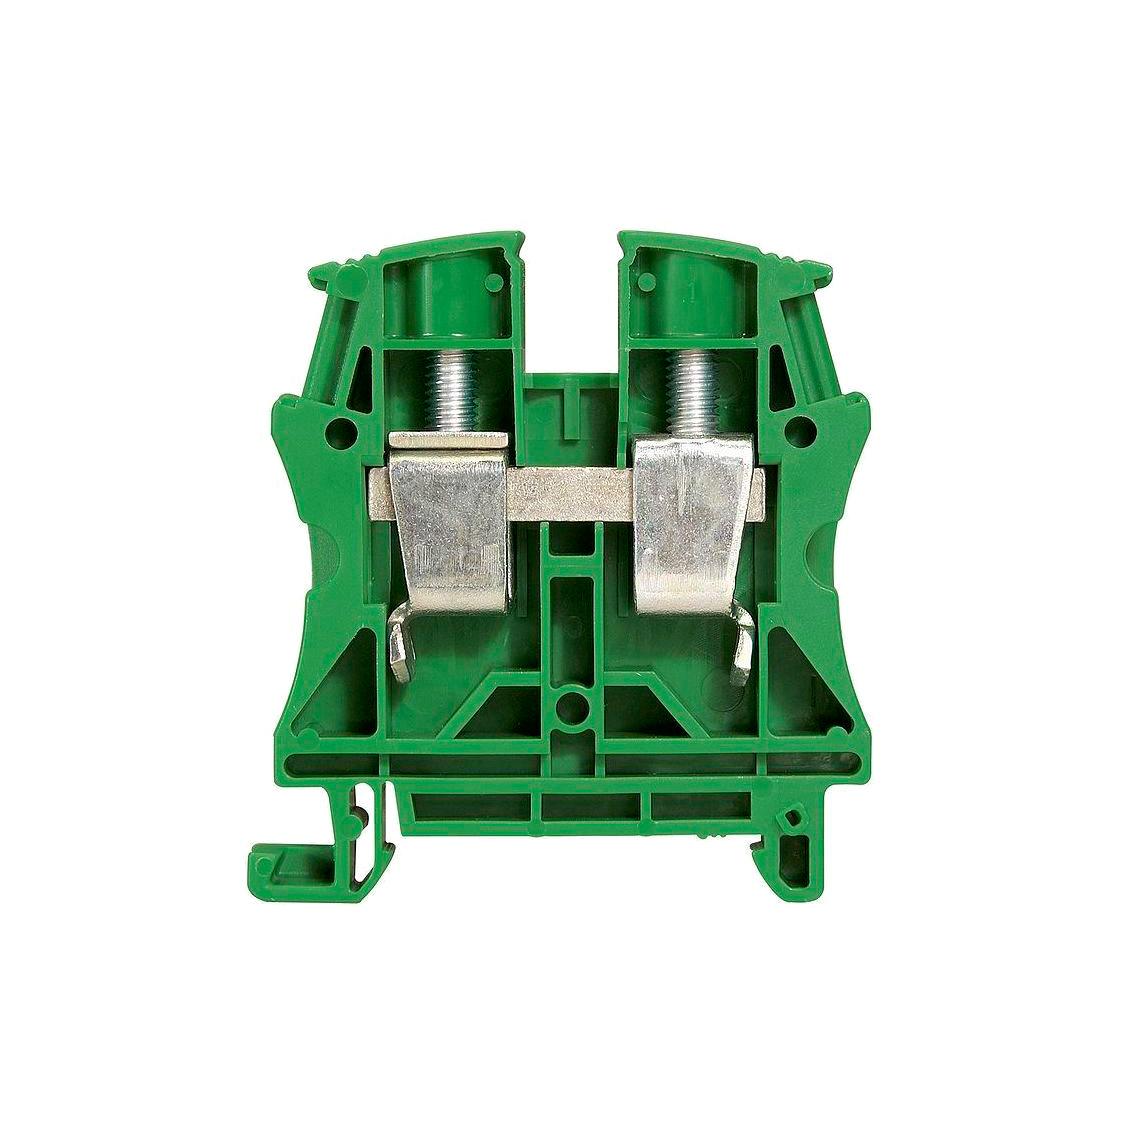 Клемма для заземления с винтовым зажимом Legrand Viking 3 35 мм², зеленый, 037199